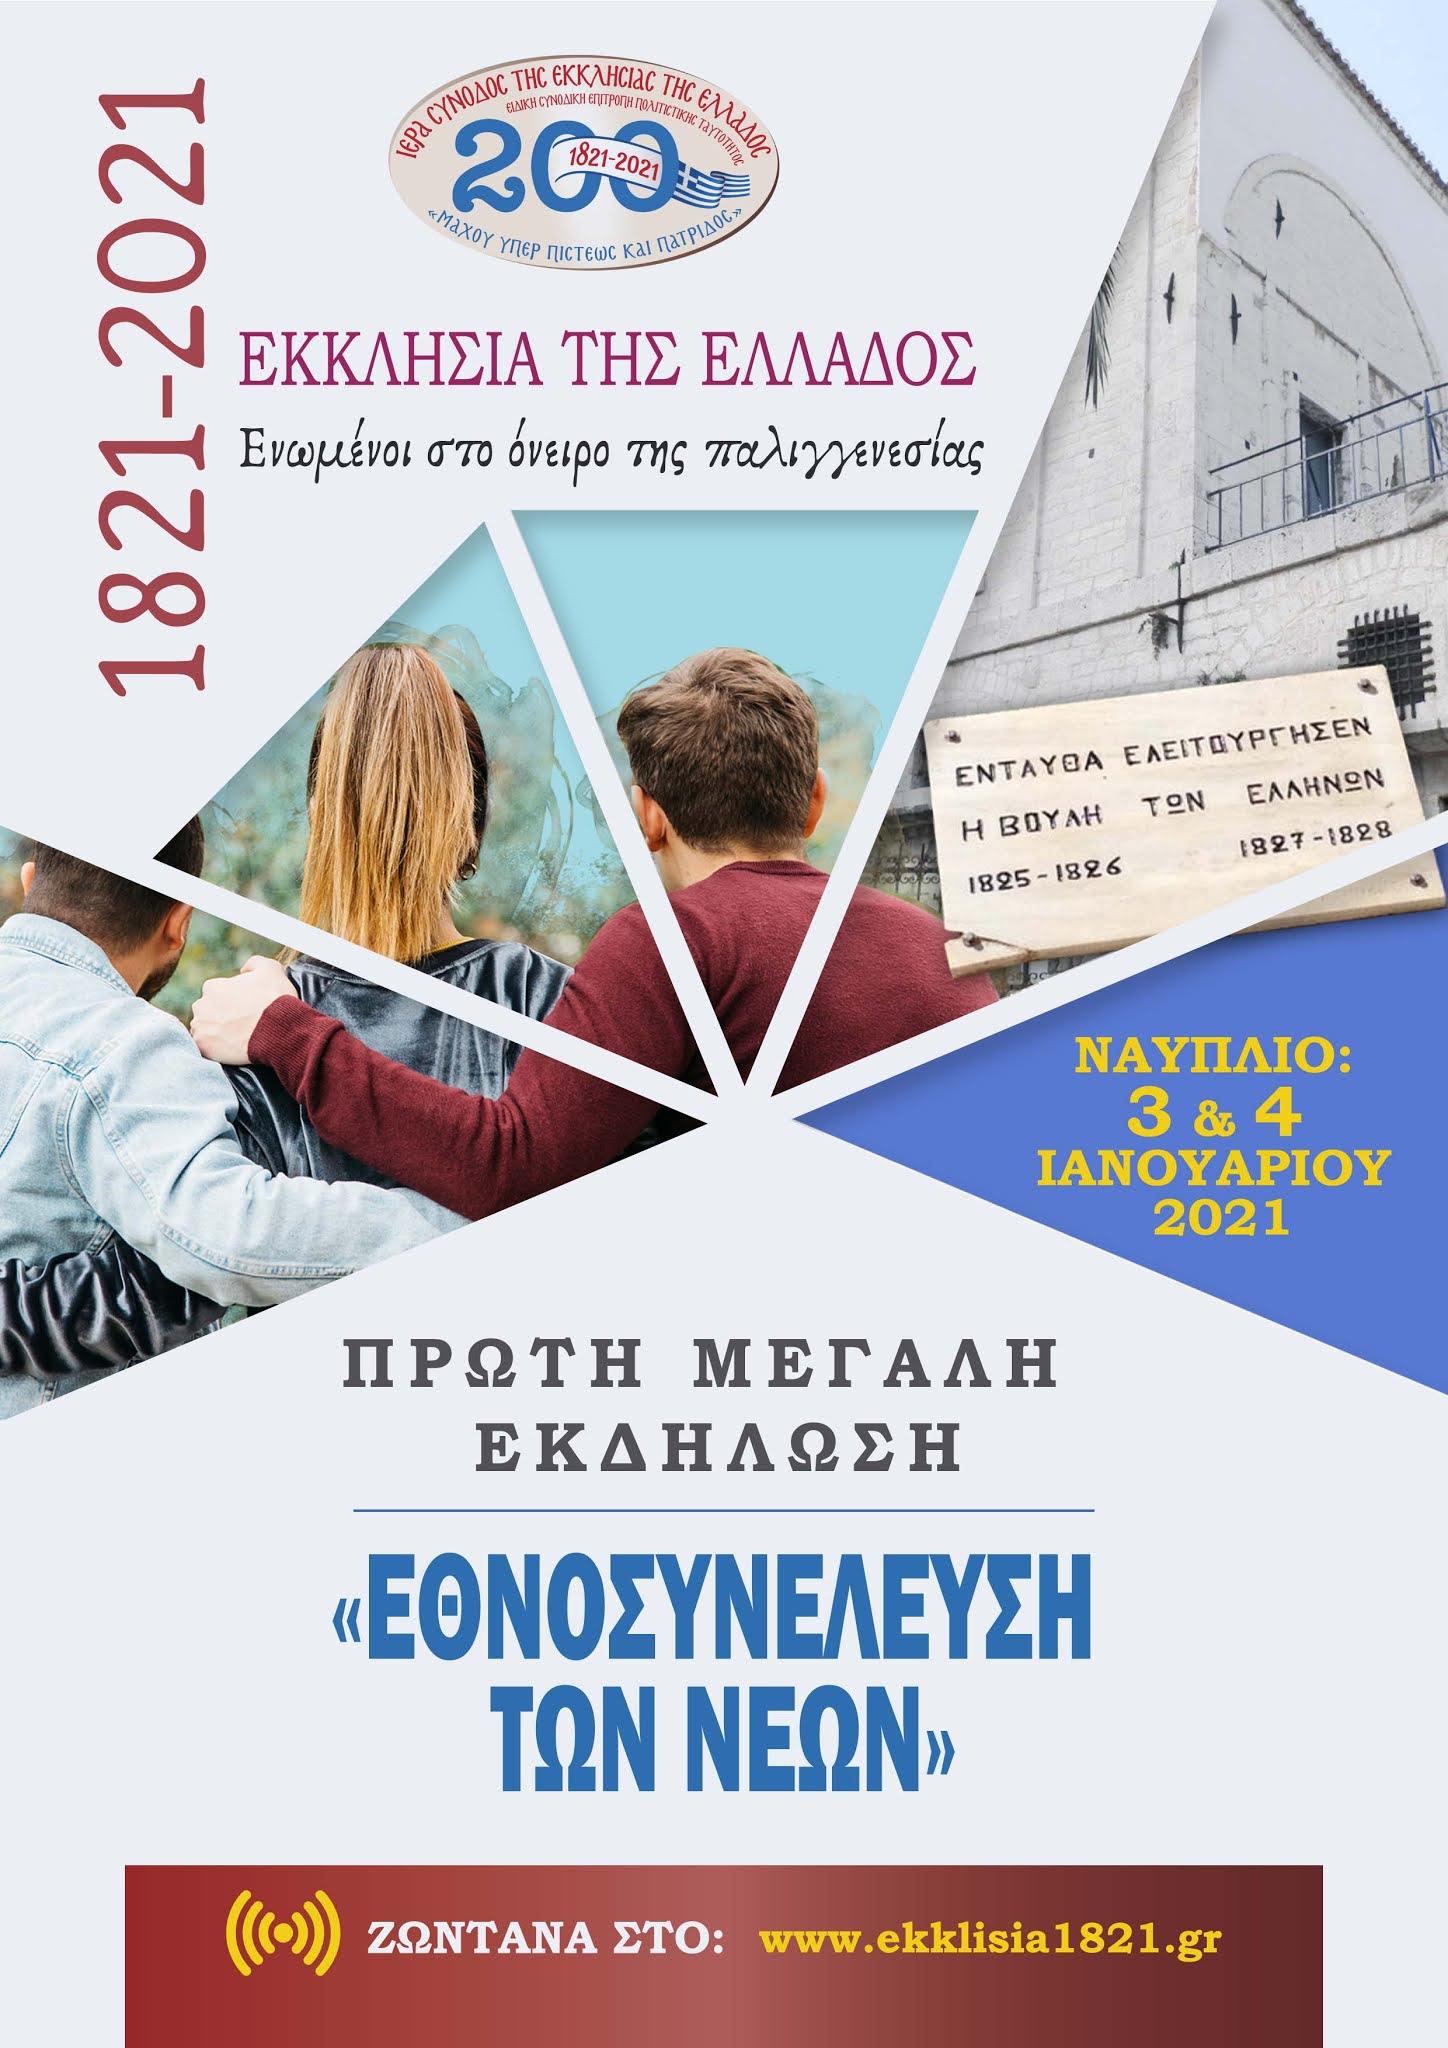 Μητρόπολη Αργολίδας: Εκδηλώσεις στο Ναύπλιο για τον εορτασμό των διακοσίων ετών από την Ελληνική Επανάσταση